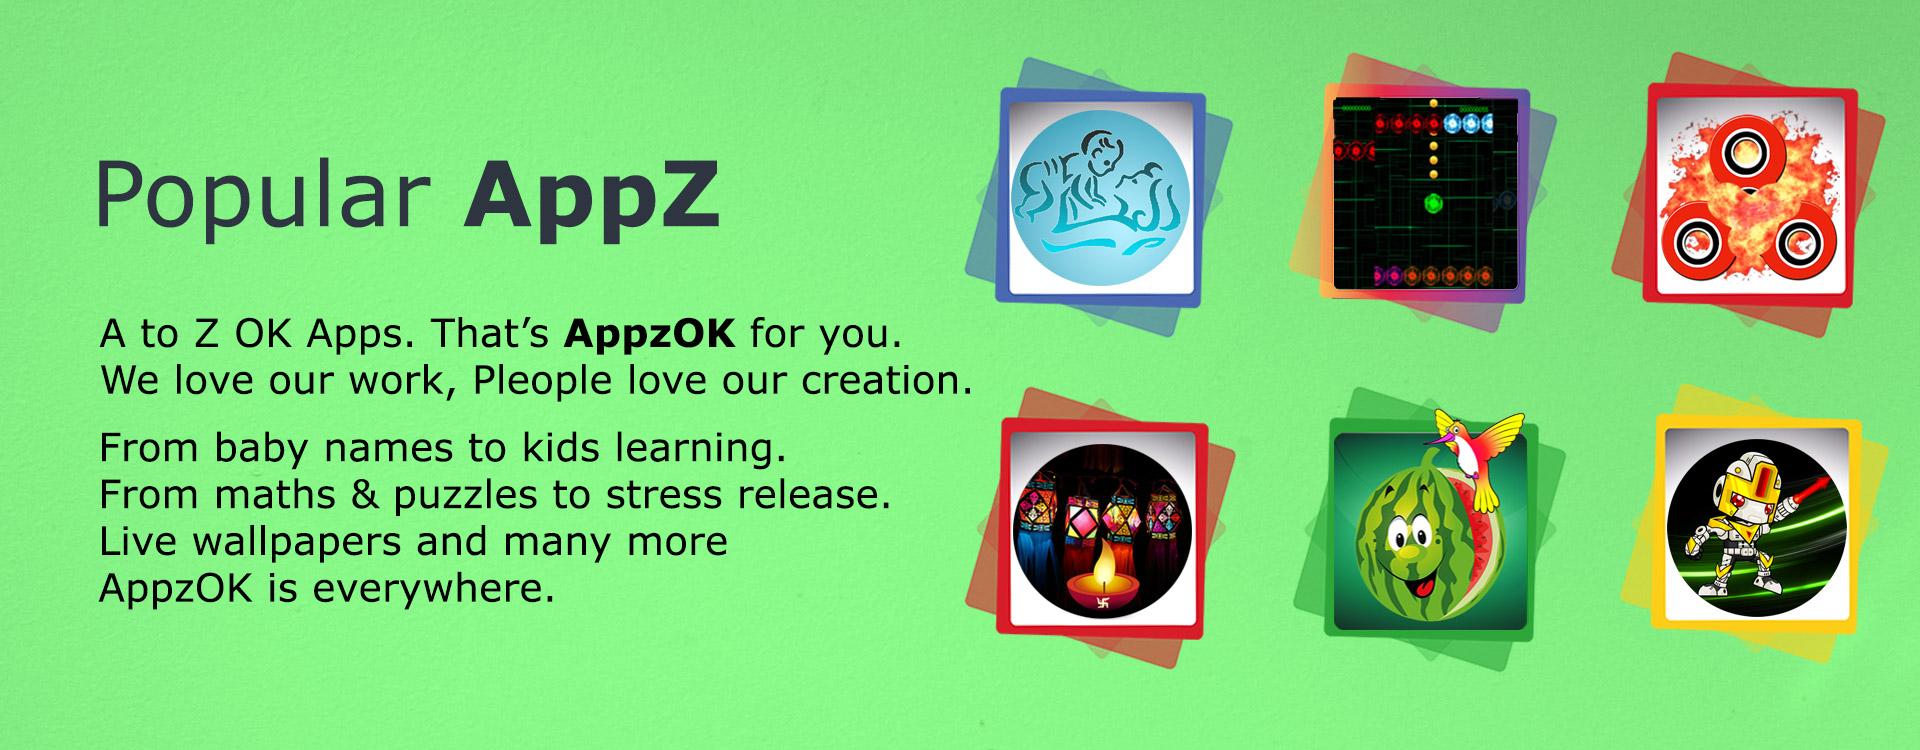 Popular Appz